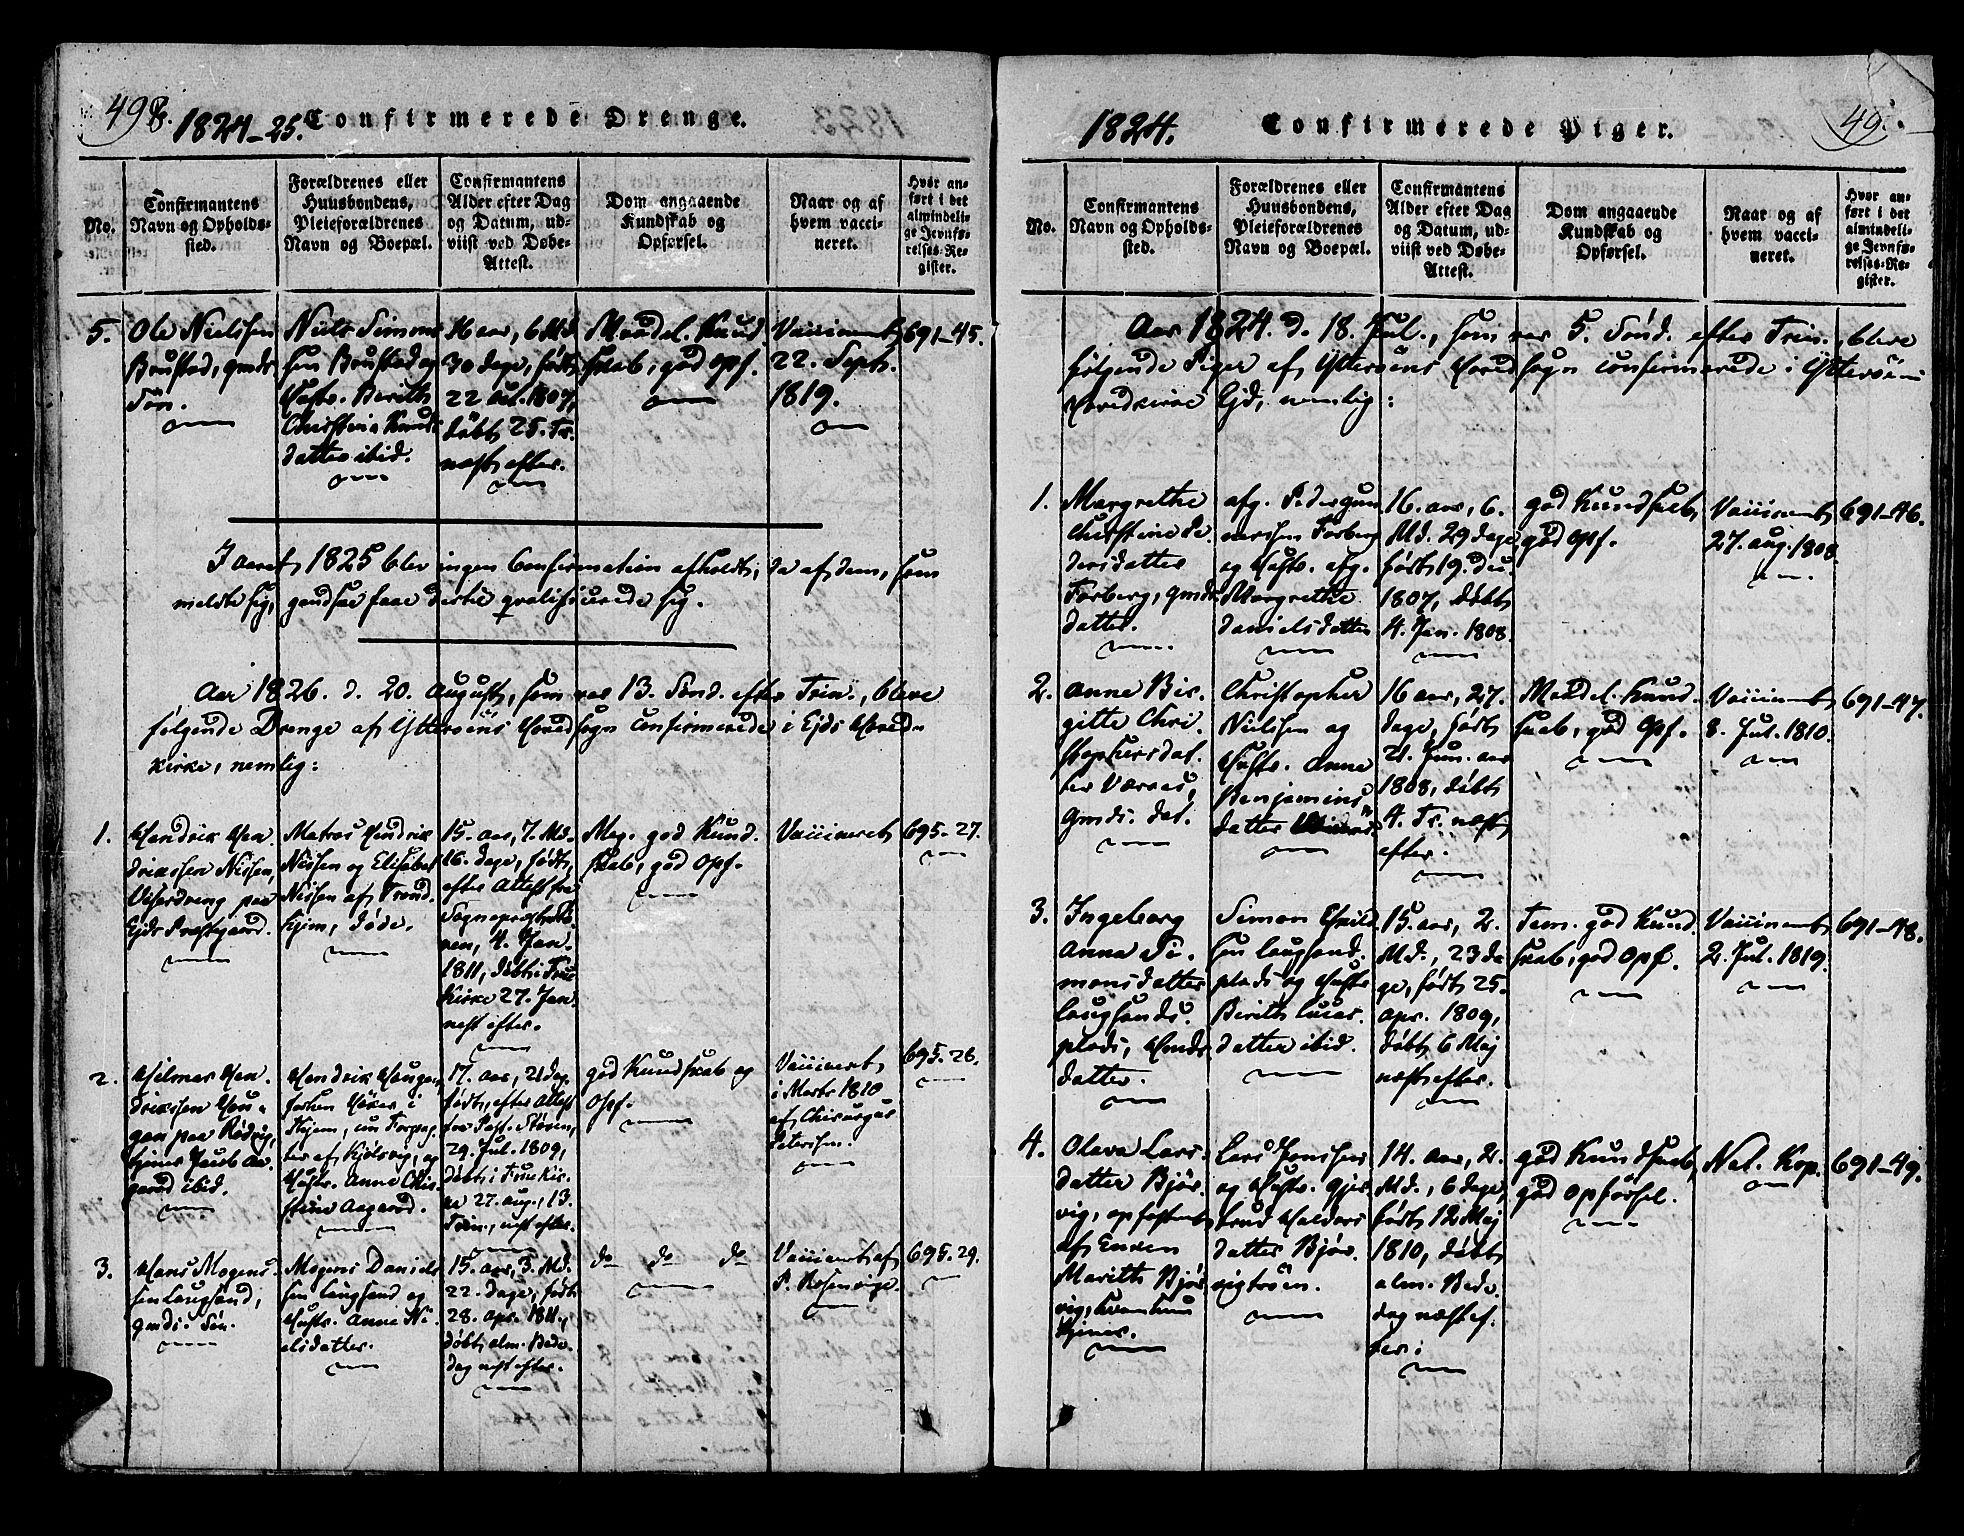 SAT, Ministerialprotokoller, klokkerbøker og fødselsregistre - Nord-Trøndelag, 722/L0217: Ministerialbok nr. 722A04, 1817-1842, s. 498-499